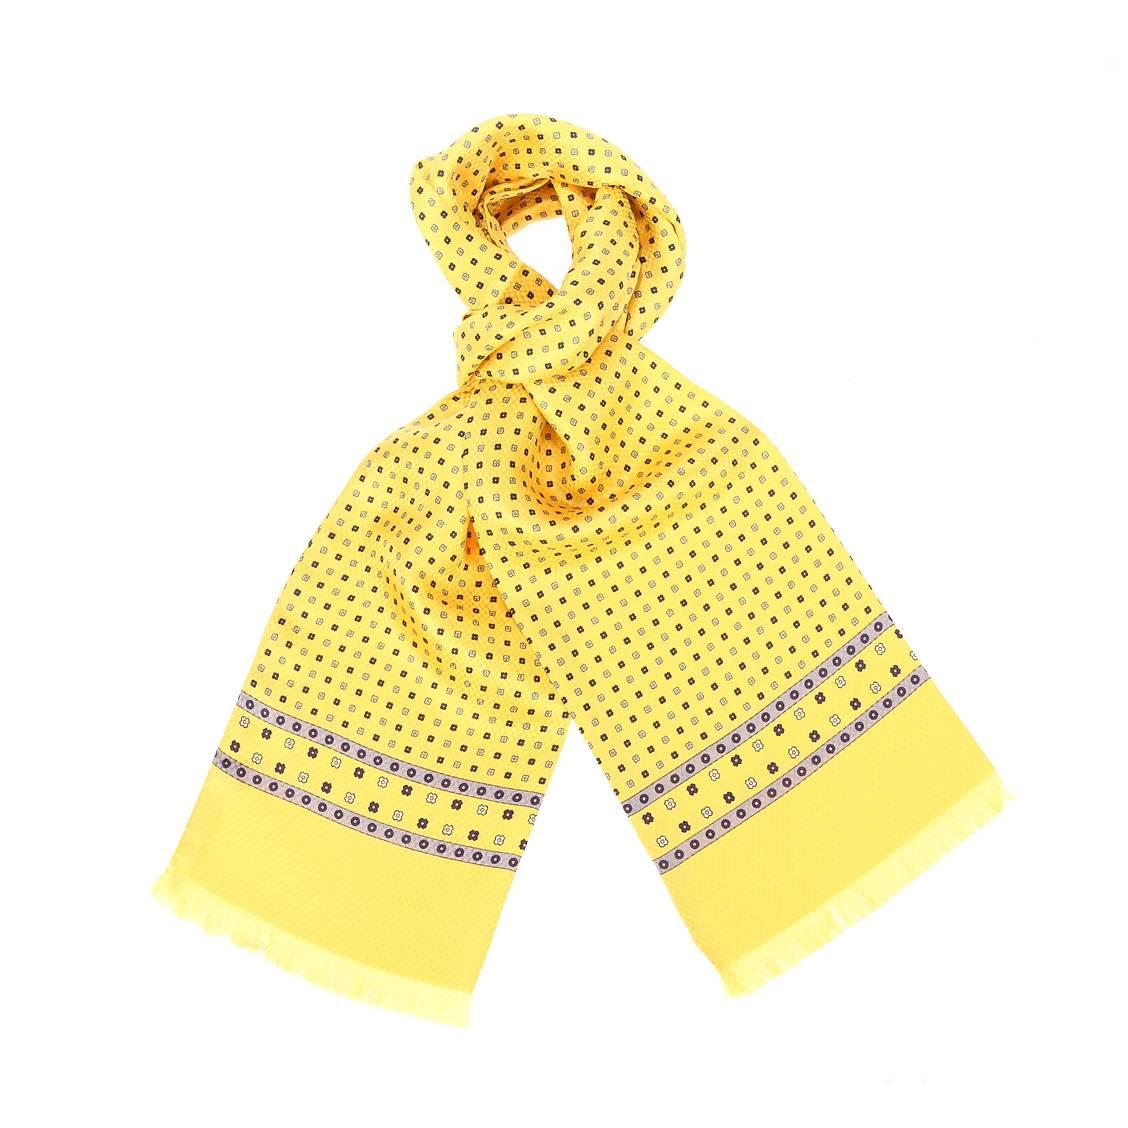 Echarpe en soie  jaune à motifs fleuris bleus